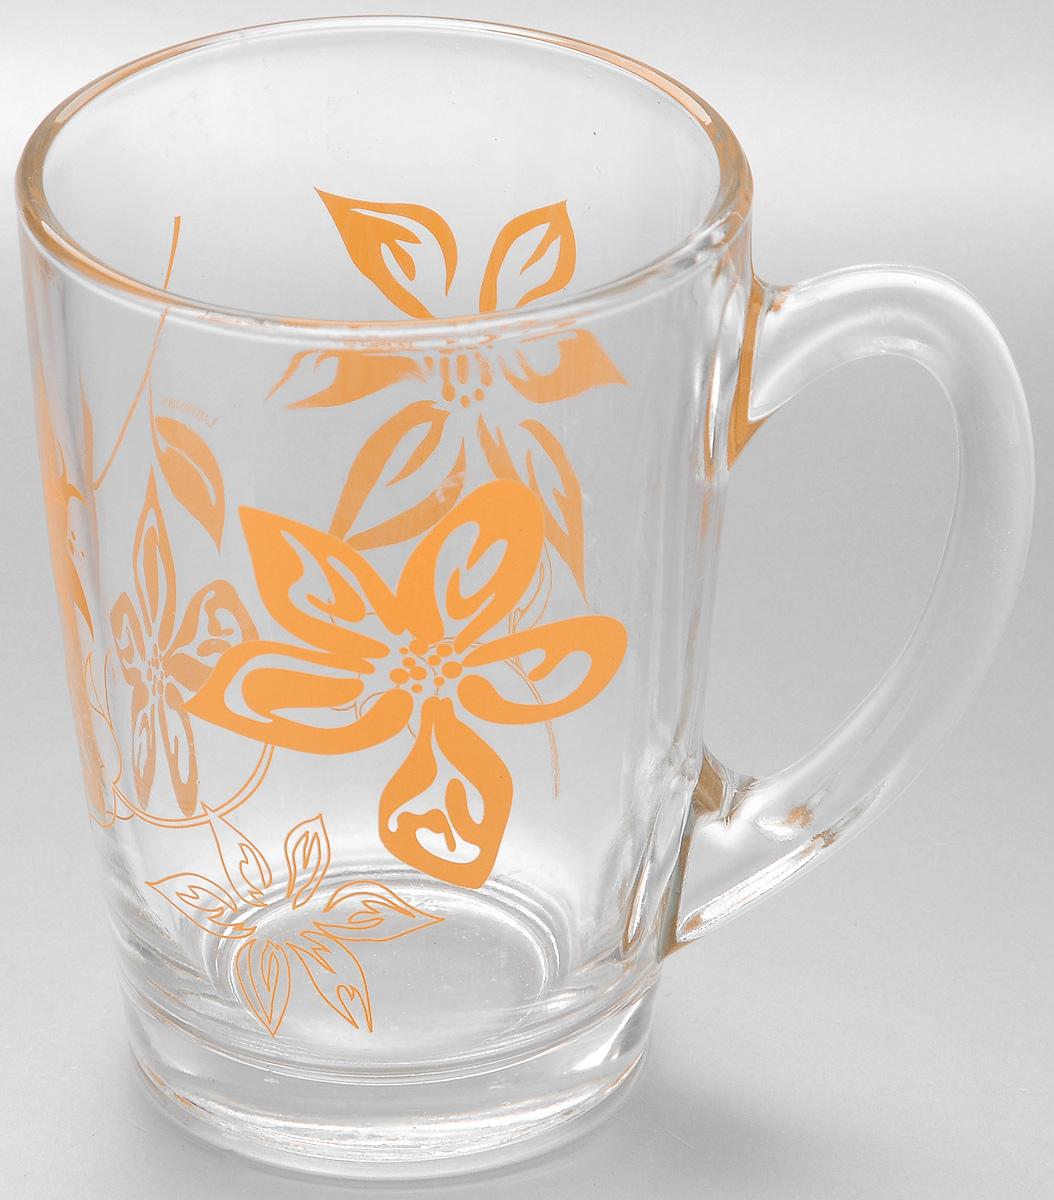 Кружка Luminarc Lily Flower, 320 мл. J8115610Кружка Luminarc Lily Flower изготовлена из упрочненного стекла. Такая кружка прекрасно подойдет для горячих и холодных напитков. Она дополнит коллекцию вашей кухонной посуды и будет служить долгие годы. Диаметр кружки (по верхнему краю): 8 см.